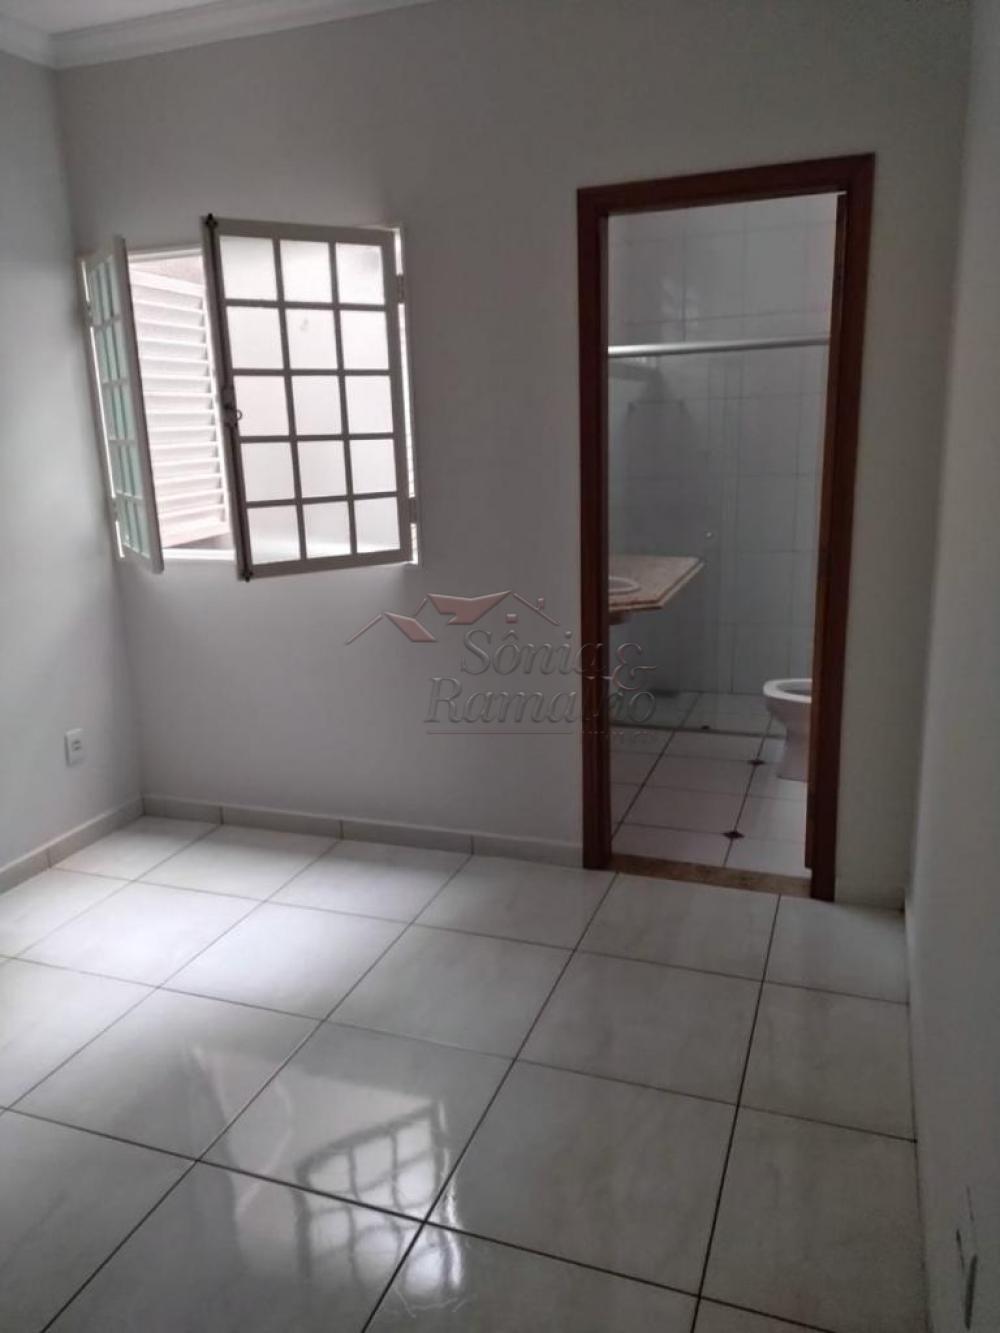 Alugar Casas / Padrão em Ribeirão Preto R$ 2.300,00 - Foto 10